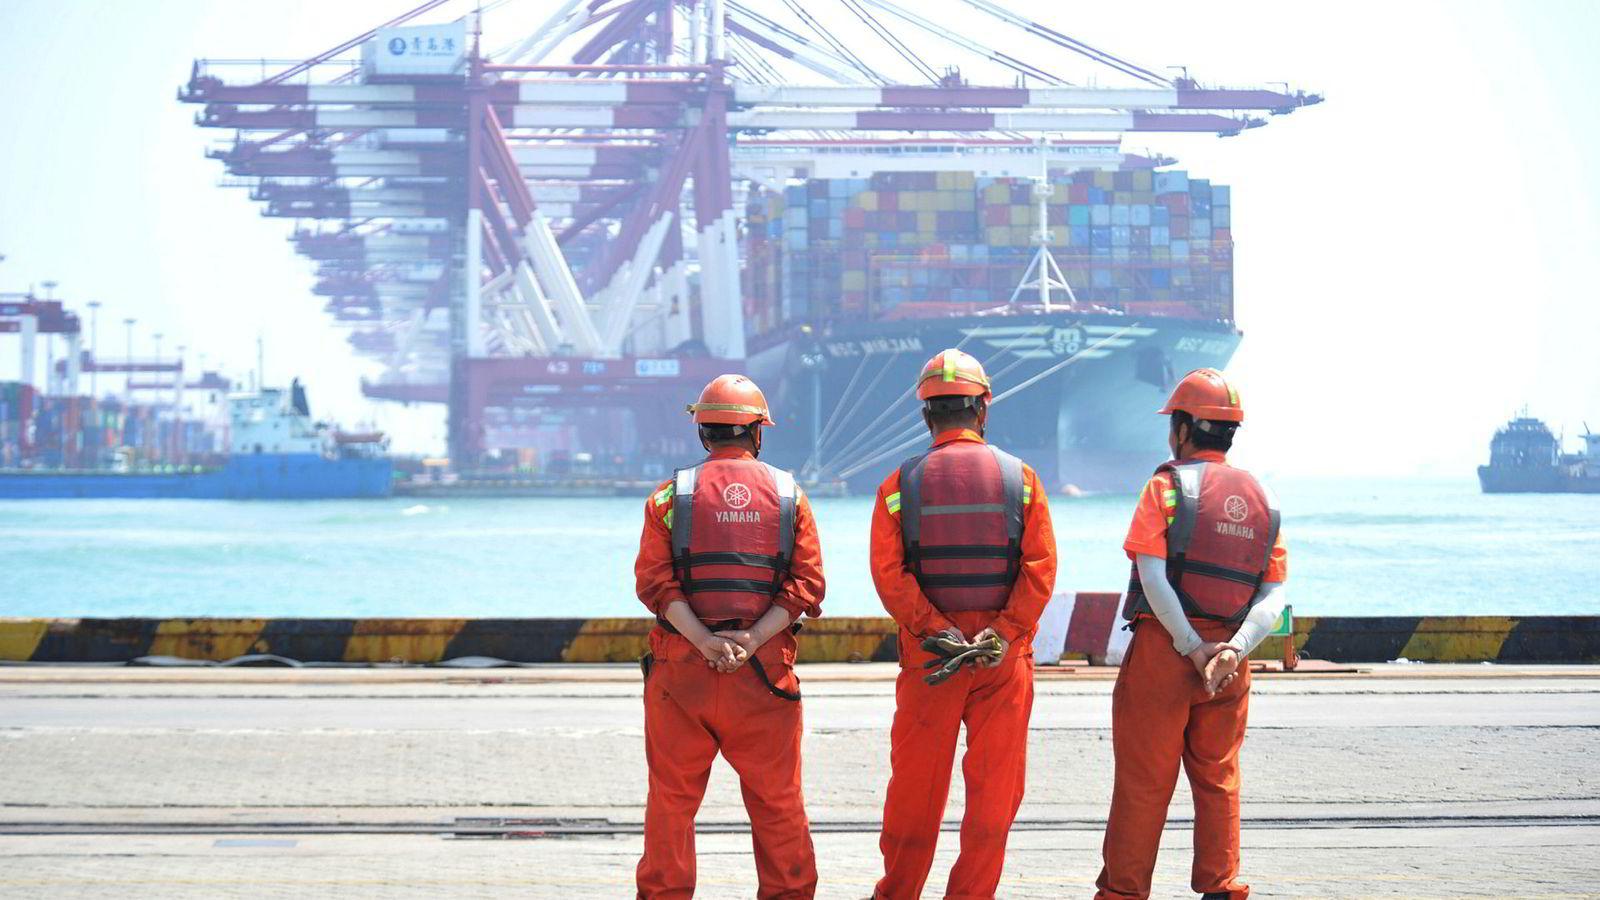 Kina klarte å stabilisere økonomien i første kvartal med en økonomisk vekst på 6,4 prosent. Det kan bli vanskelig å opprettholde hvis USA innfører nye straffetoller mot Kina, tror finansinstitusjoner. Ved Qingdao-havnen i Shandong-provinsen er det fortsatt høy aktivitet.